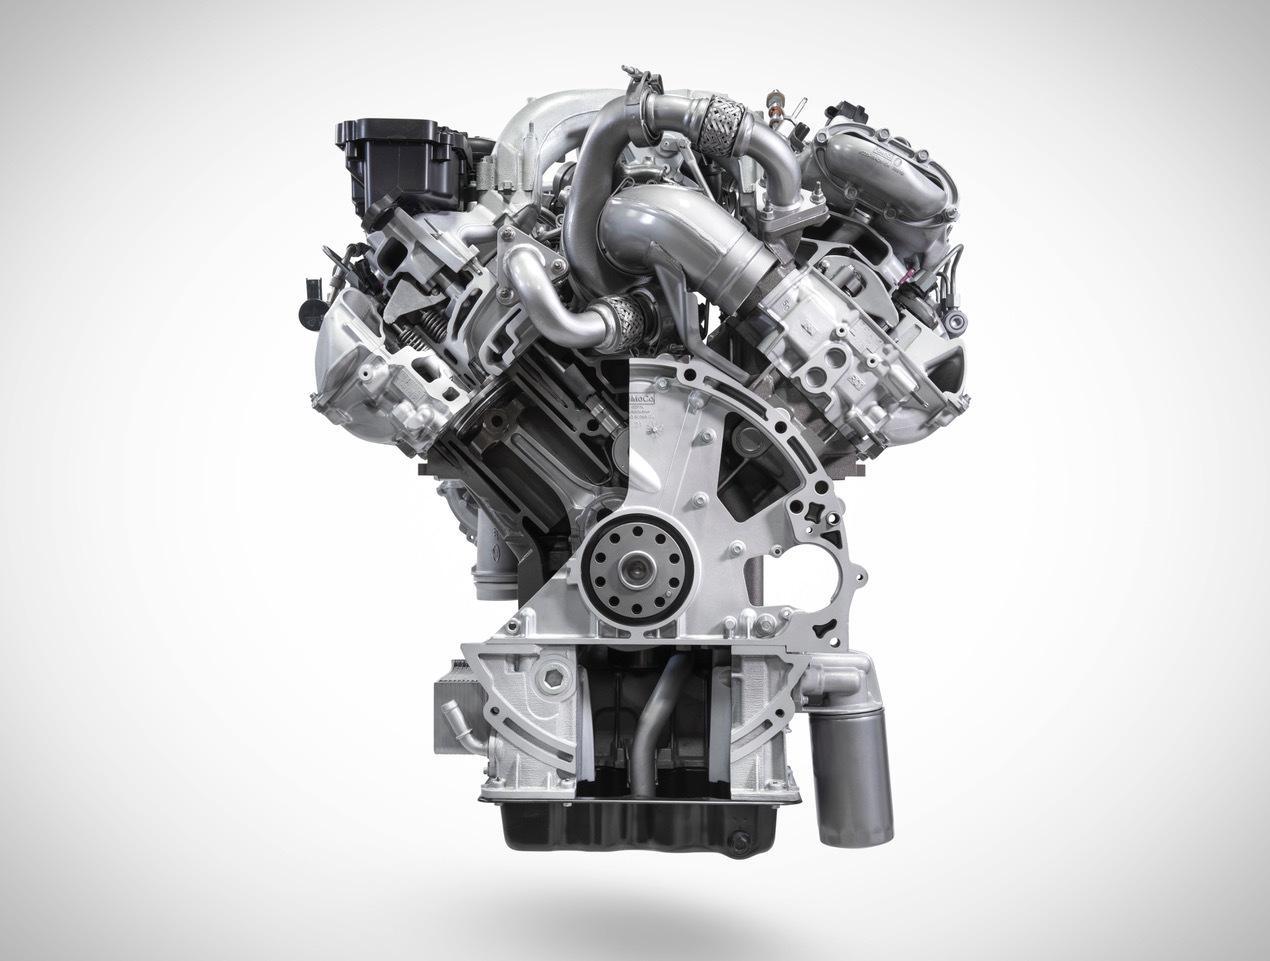 Ford Godzilla 7.3-liter V8